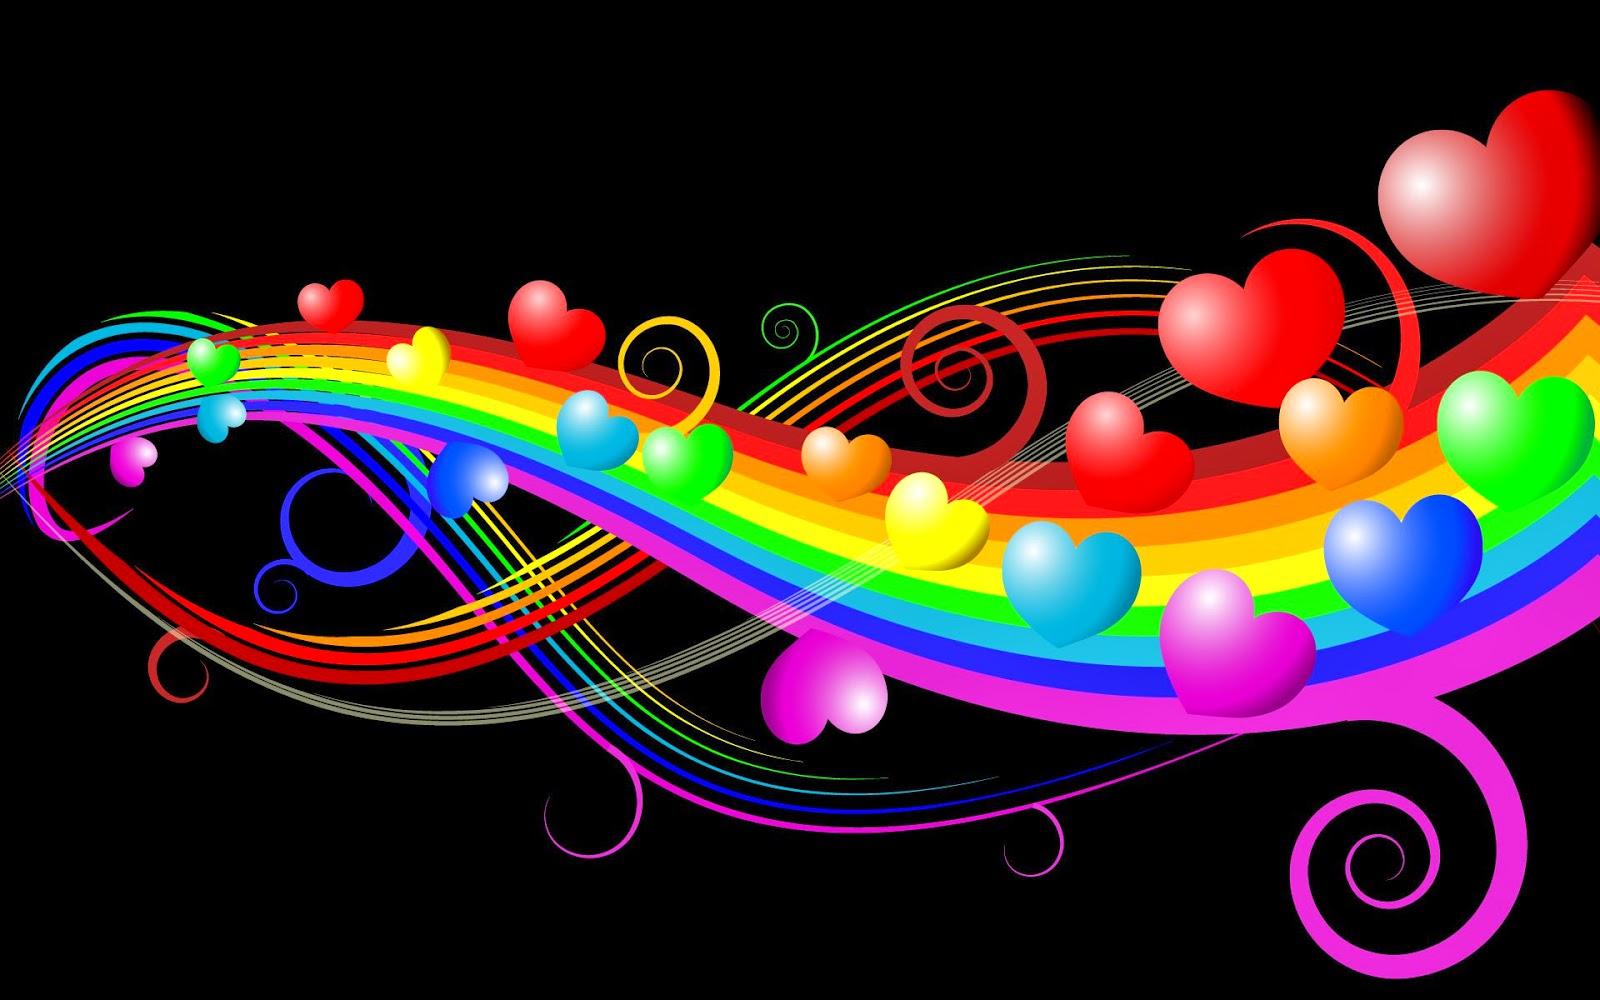 fondos-de-pantalla-de-corazones-de-colores-de-arcoiris